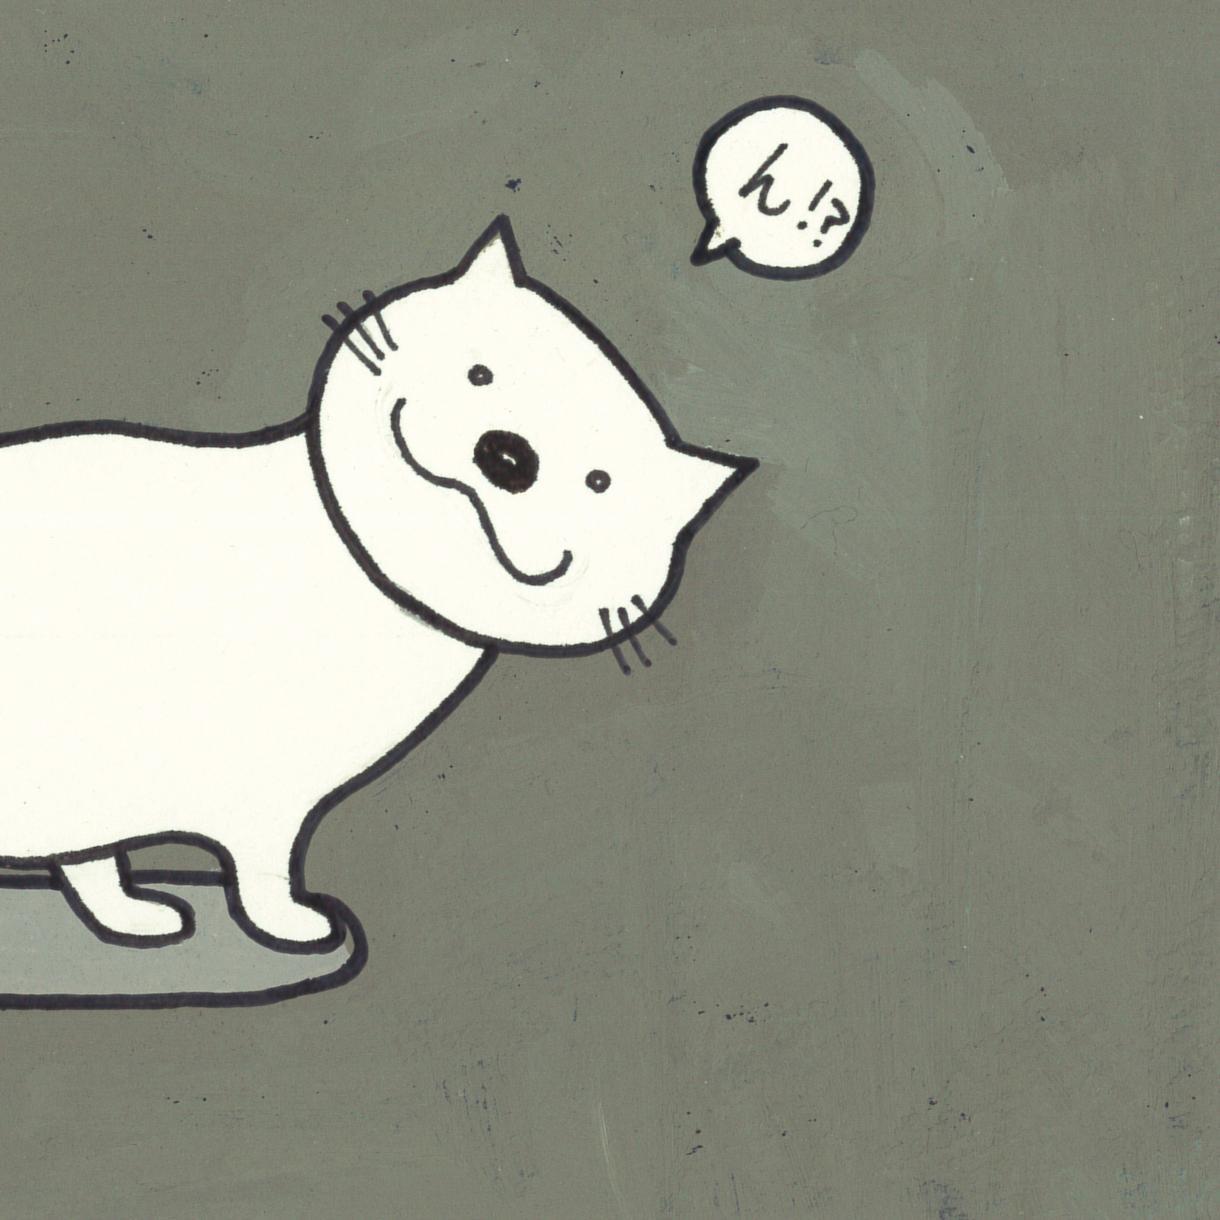 ねこ好きさん、集まれ! ねこのイラストお描きします ねこ好きによる、ねこ好きさんのためのサービスです!